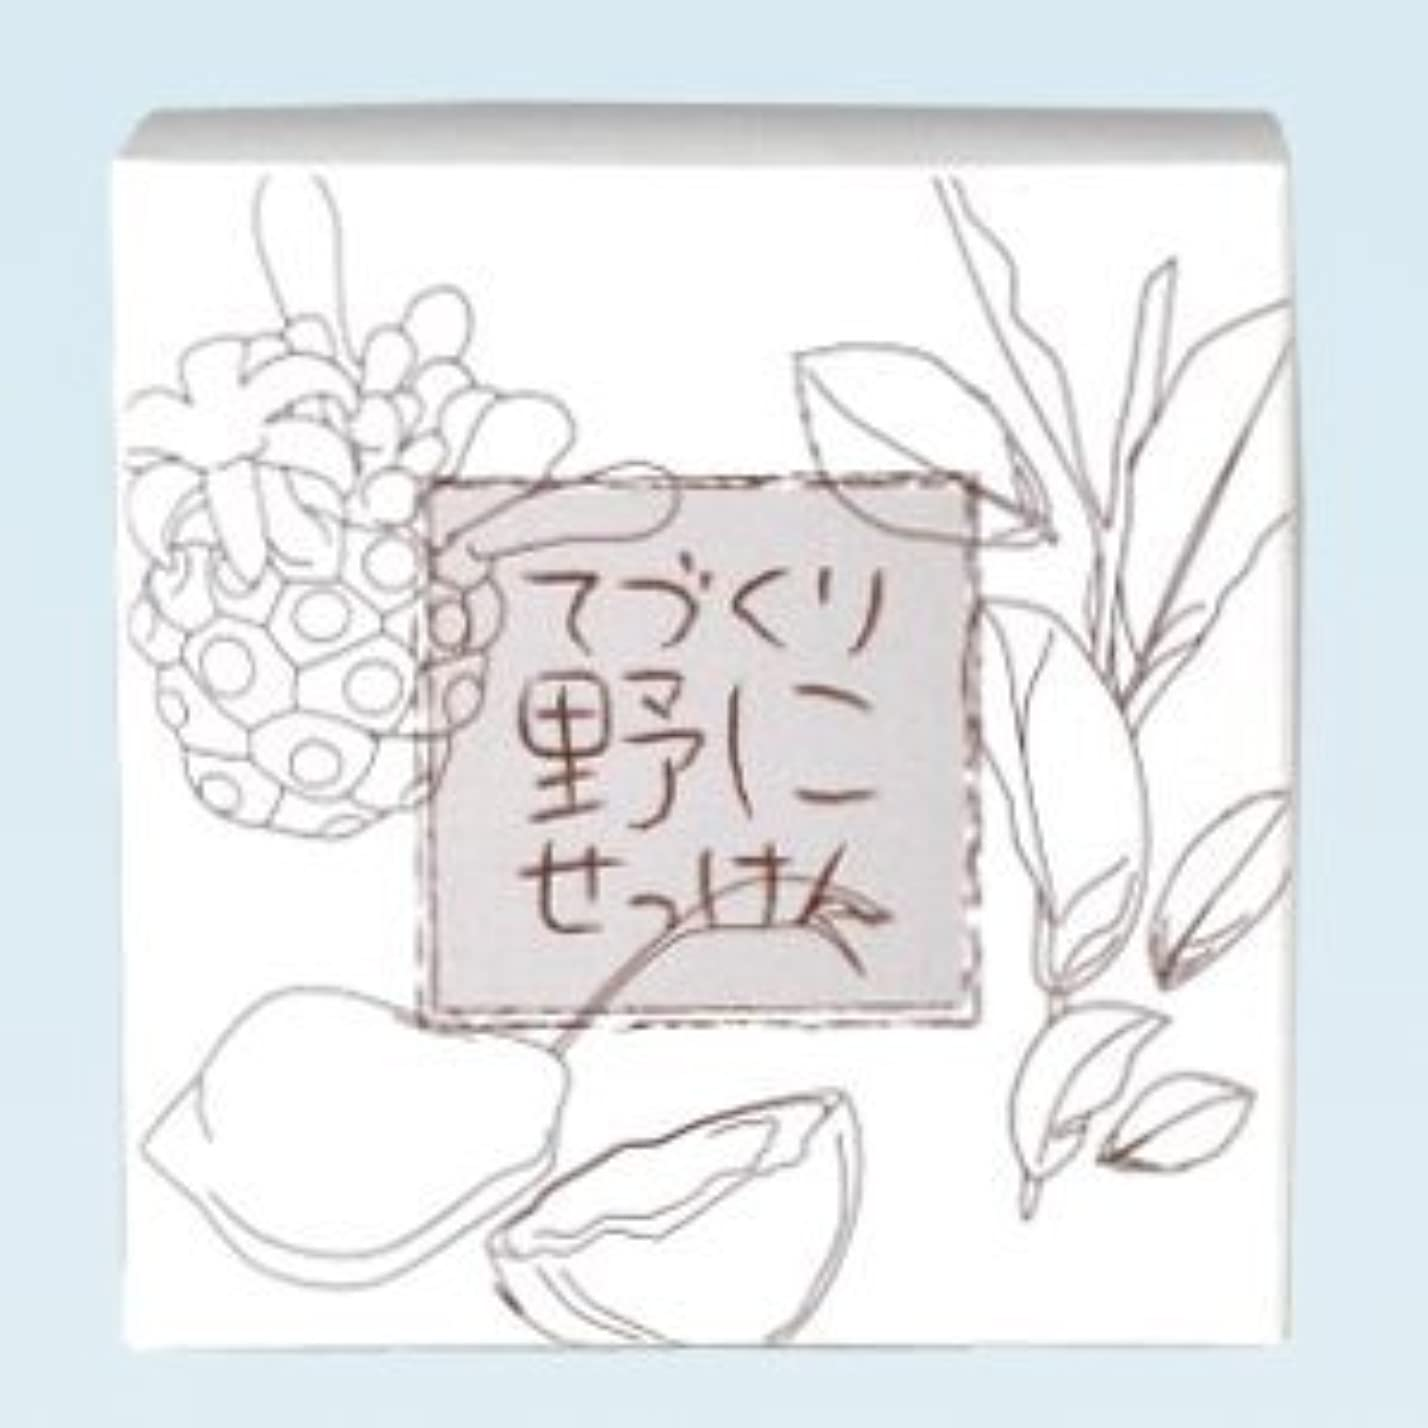 嫉妬ピークスペイン語緑茶 ノニ石鹸 てづくり野にせっけん(115g)